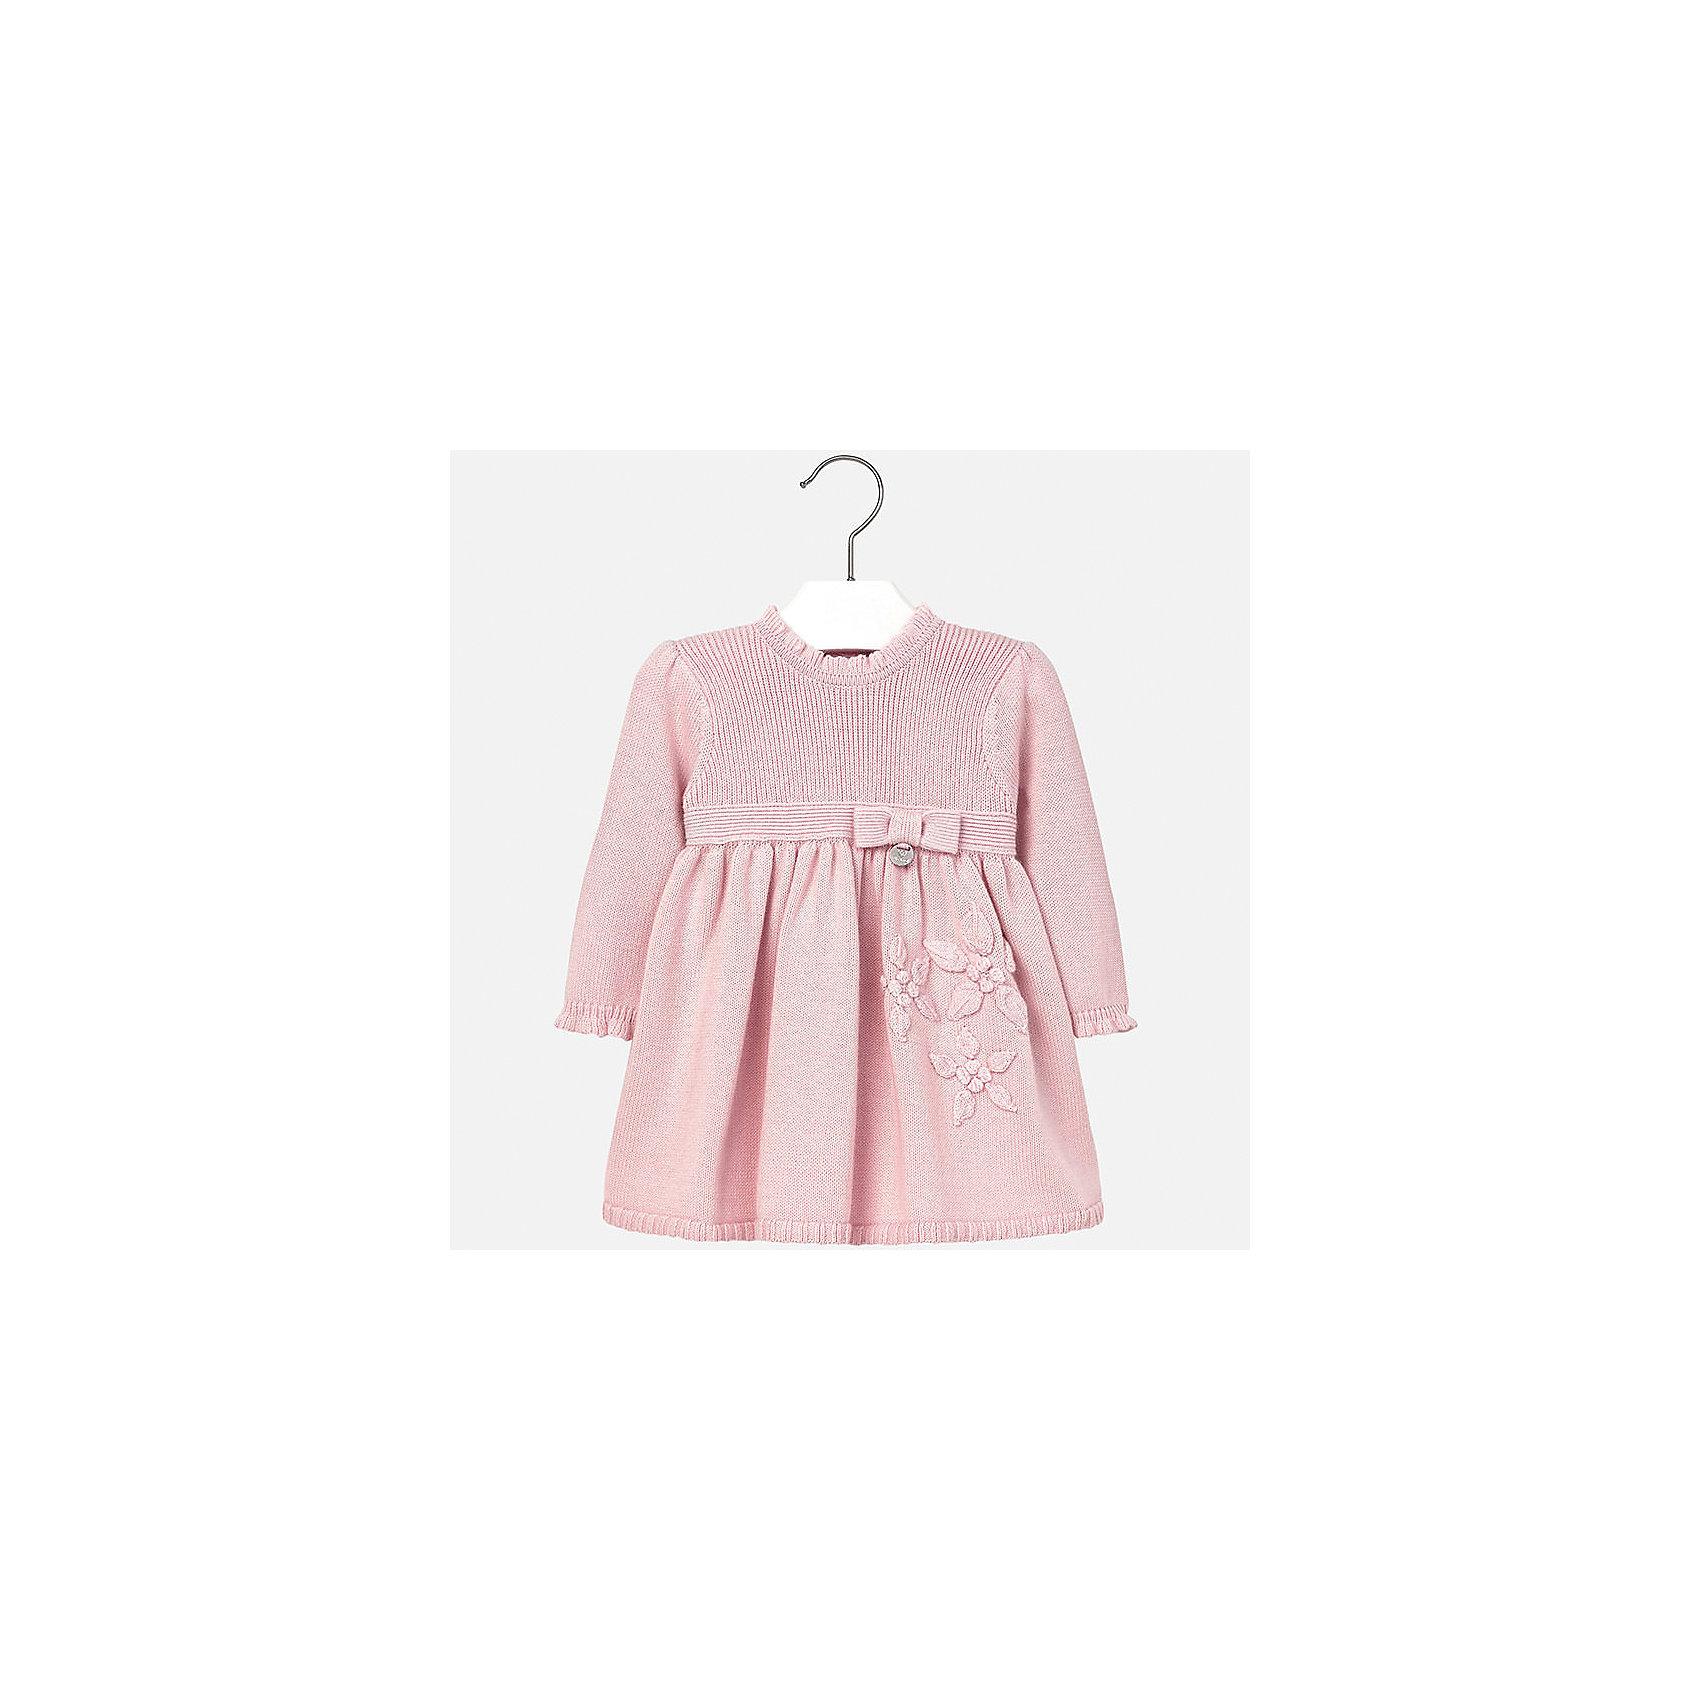 Платье для девочки MayoralОчаровательно вязаное платье займет достойное место в гардеробе юной модницы. Модель оформлена вязаными декорами в виде цветов, маленьким бантиком с металлической подвеской и оборками по горловине и манжетам. Прекрасный вариант для любого случая! <br><br>Дополнительная информация:<br><br>- Мягкий вязаный материал. <br>- Длинный рукав.<br>- Округлый вырез горловины. <br>- Нежный вязаные цветы.<br>- Бантик на поясе.<br>- Застегивается на пуговицы на спине. <br>Состав:<br>- 100% акрил.<br><br>Платье для девочки Mayoral (Майорал), розовое,  можно купить в нашем магазине.<br><br>Ширина мм: 236<br>Глубина мм: 16<br>Высота мм: 184<br>Вес г: 177<br>Цвет: розовый<br>Возраст от месяцев: 12<br>Возраст до месяцев: 15<br>Пол: Женский<br>Возраст: Детский<br>Размер: 80,74,86,92<br>SKU: 4846293